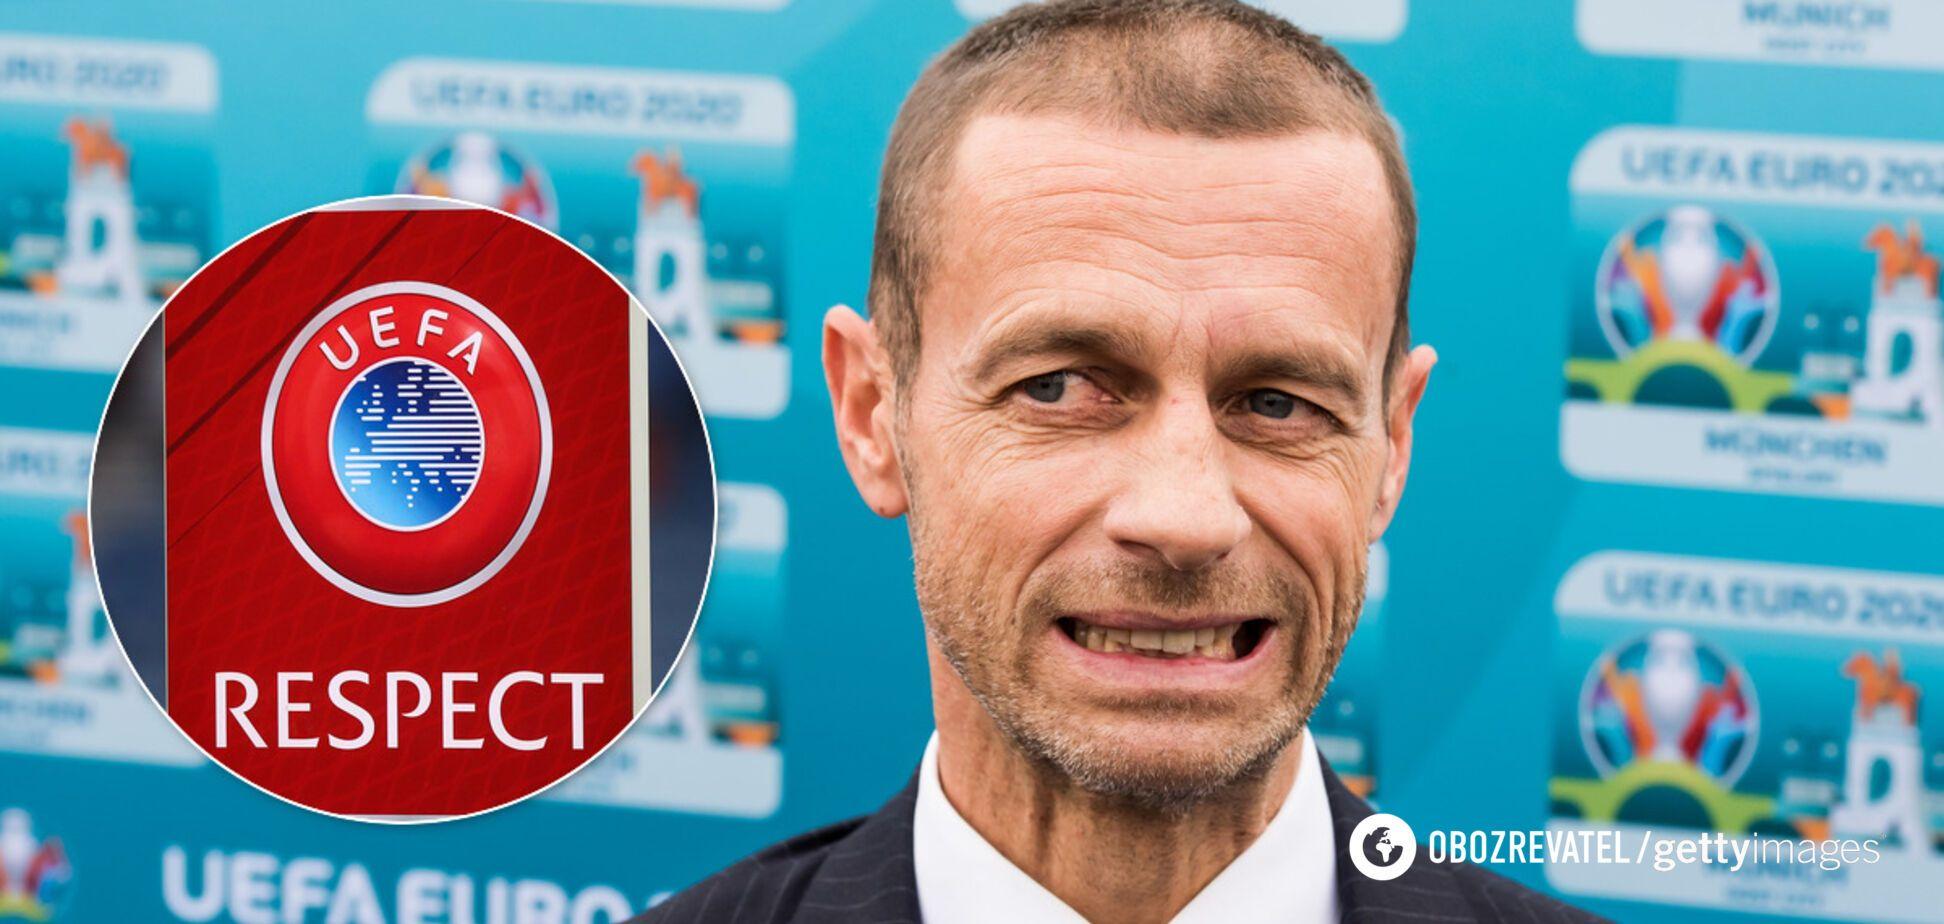 Коронавірус загнав УЄФА в глухий кут: як карантин в Італії зашкодить Євро-2020